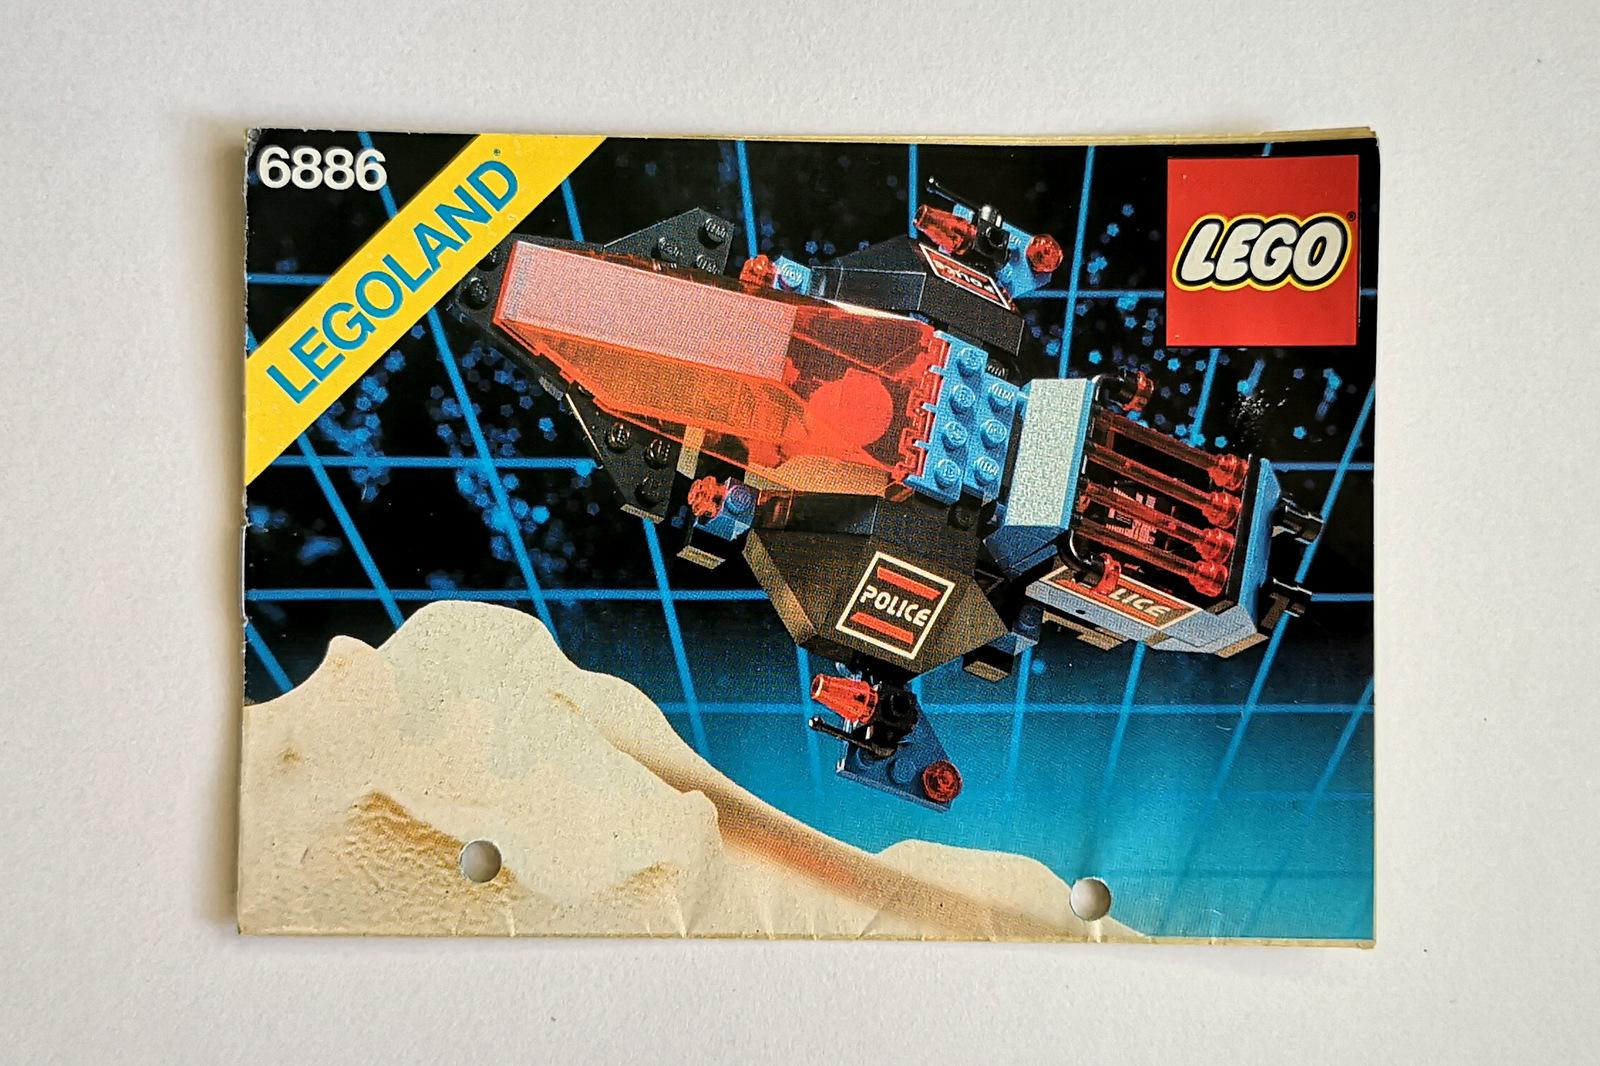 6886 LEGO Space Police Anleitung